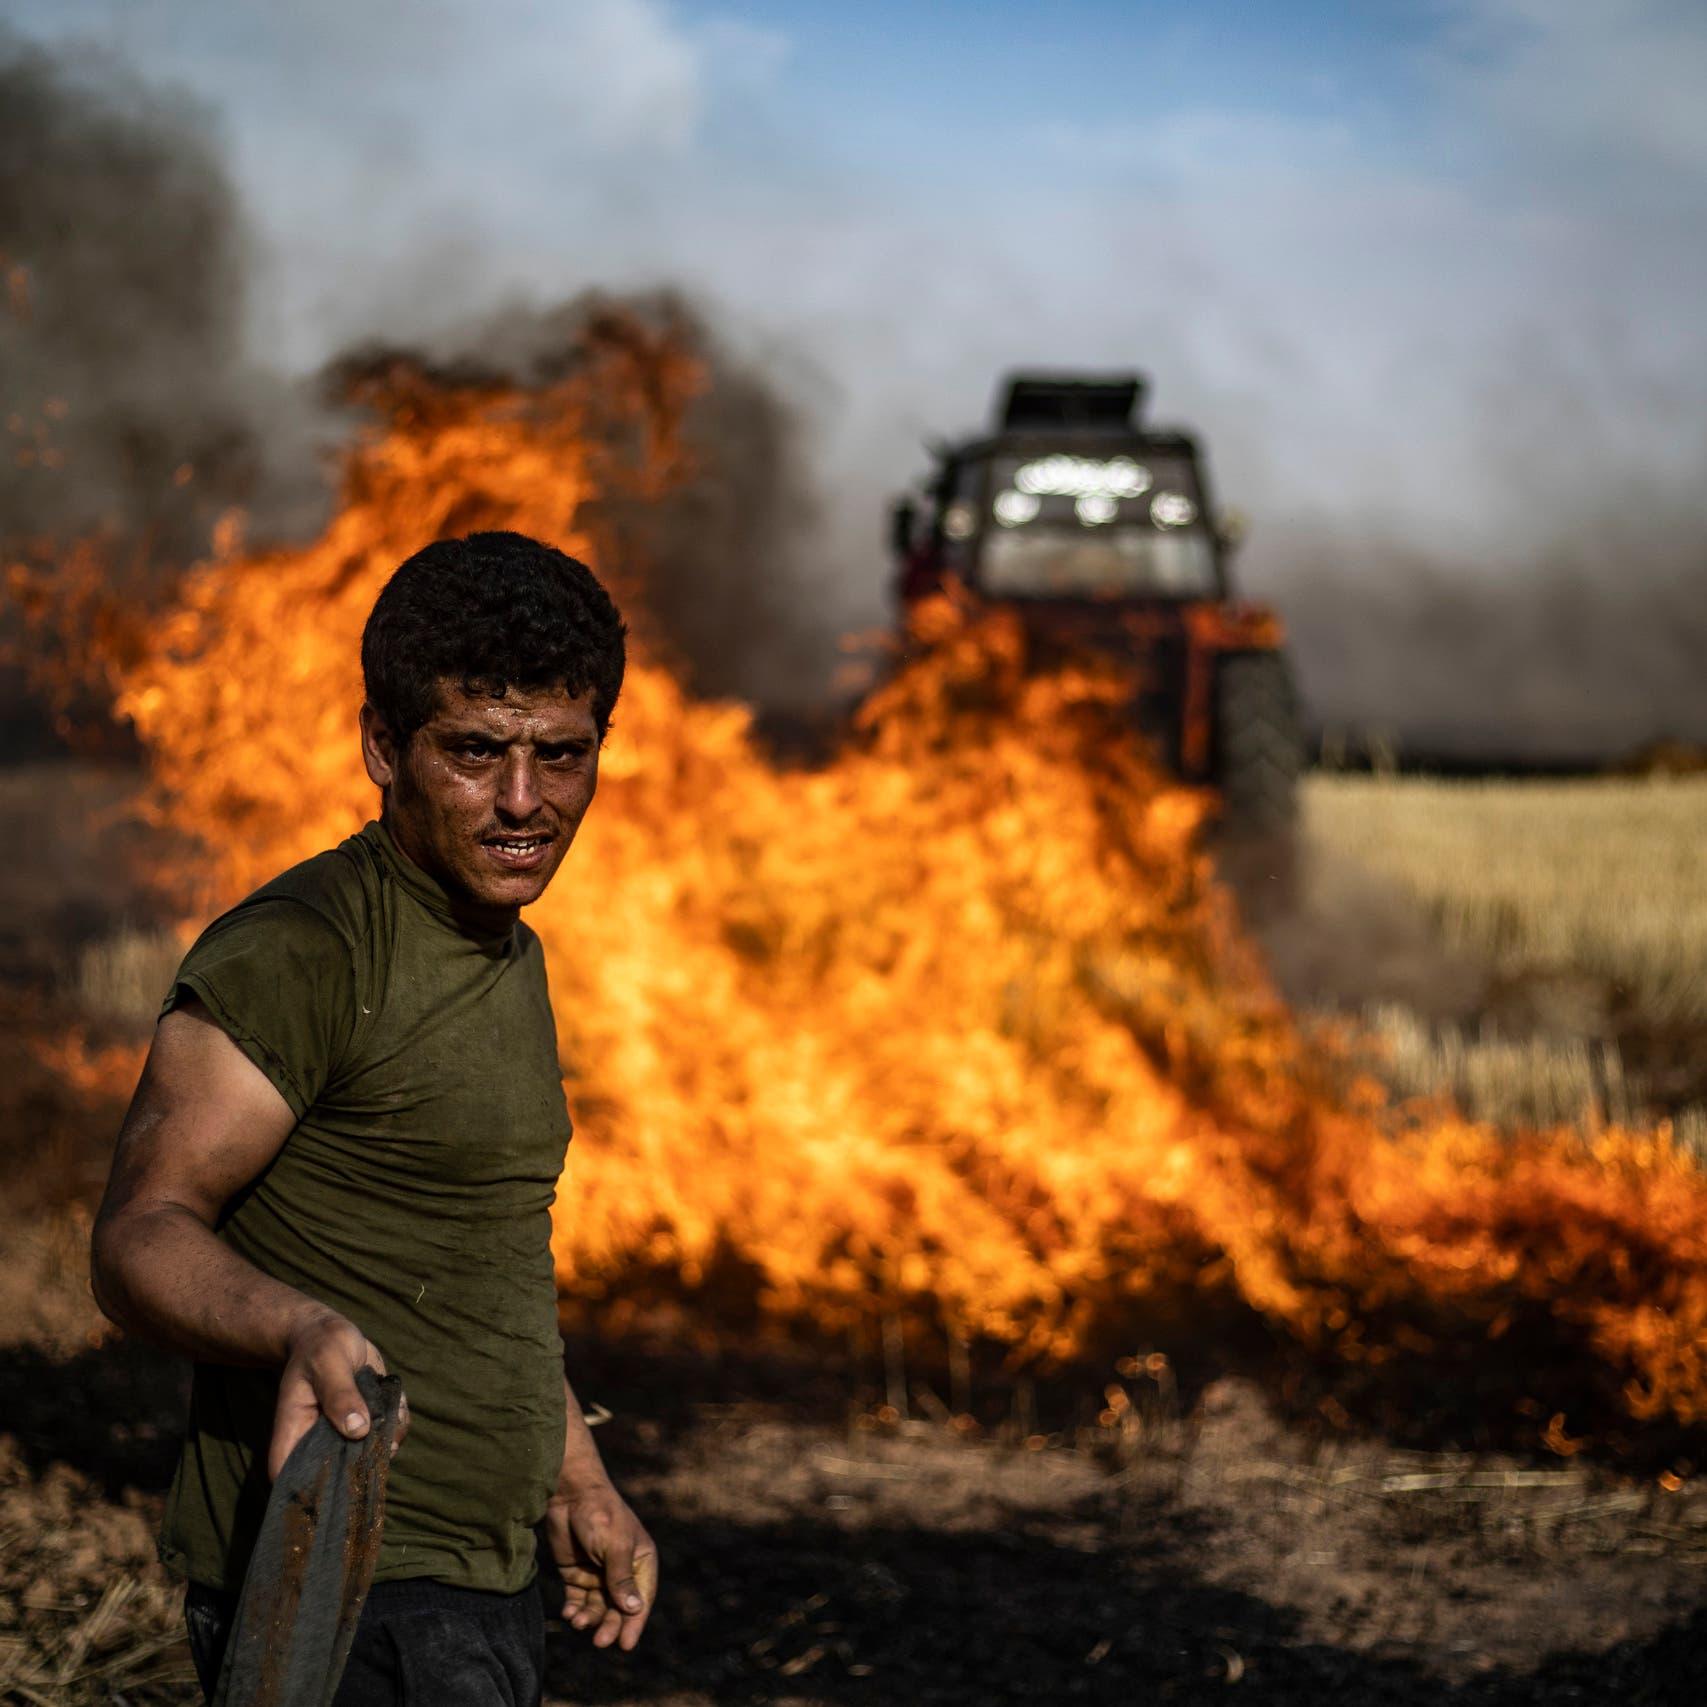 النار تلتهم قمح الشمال السوري.. طار الحصاد